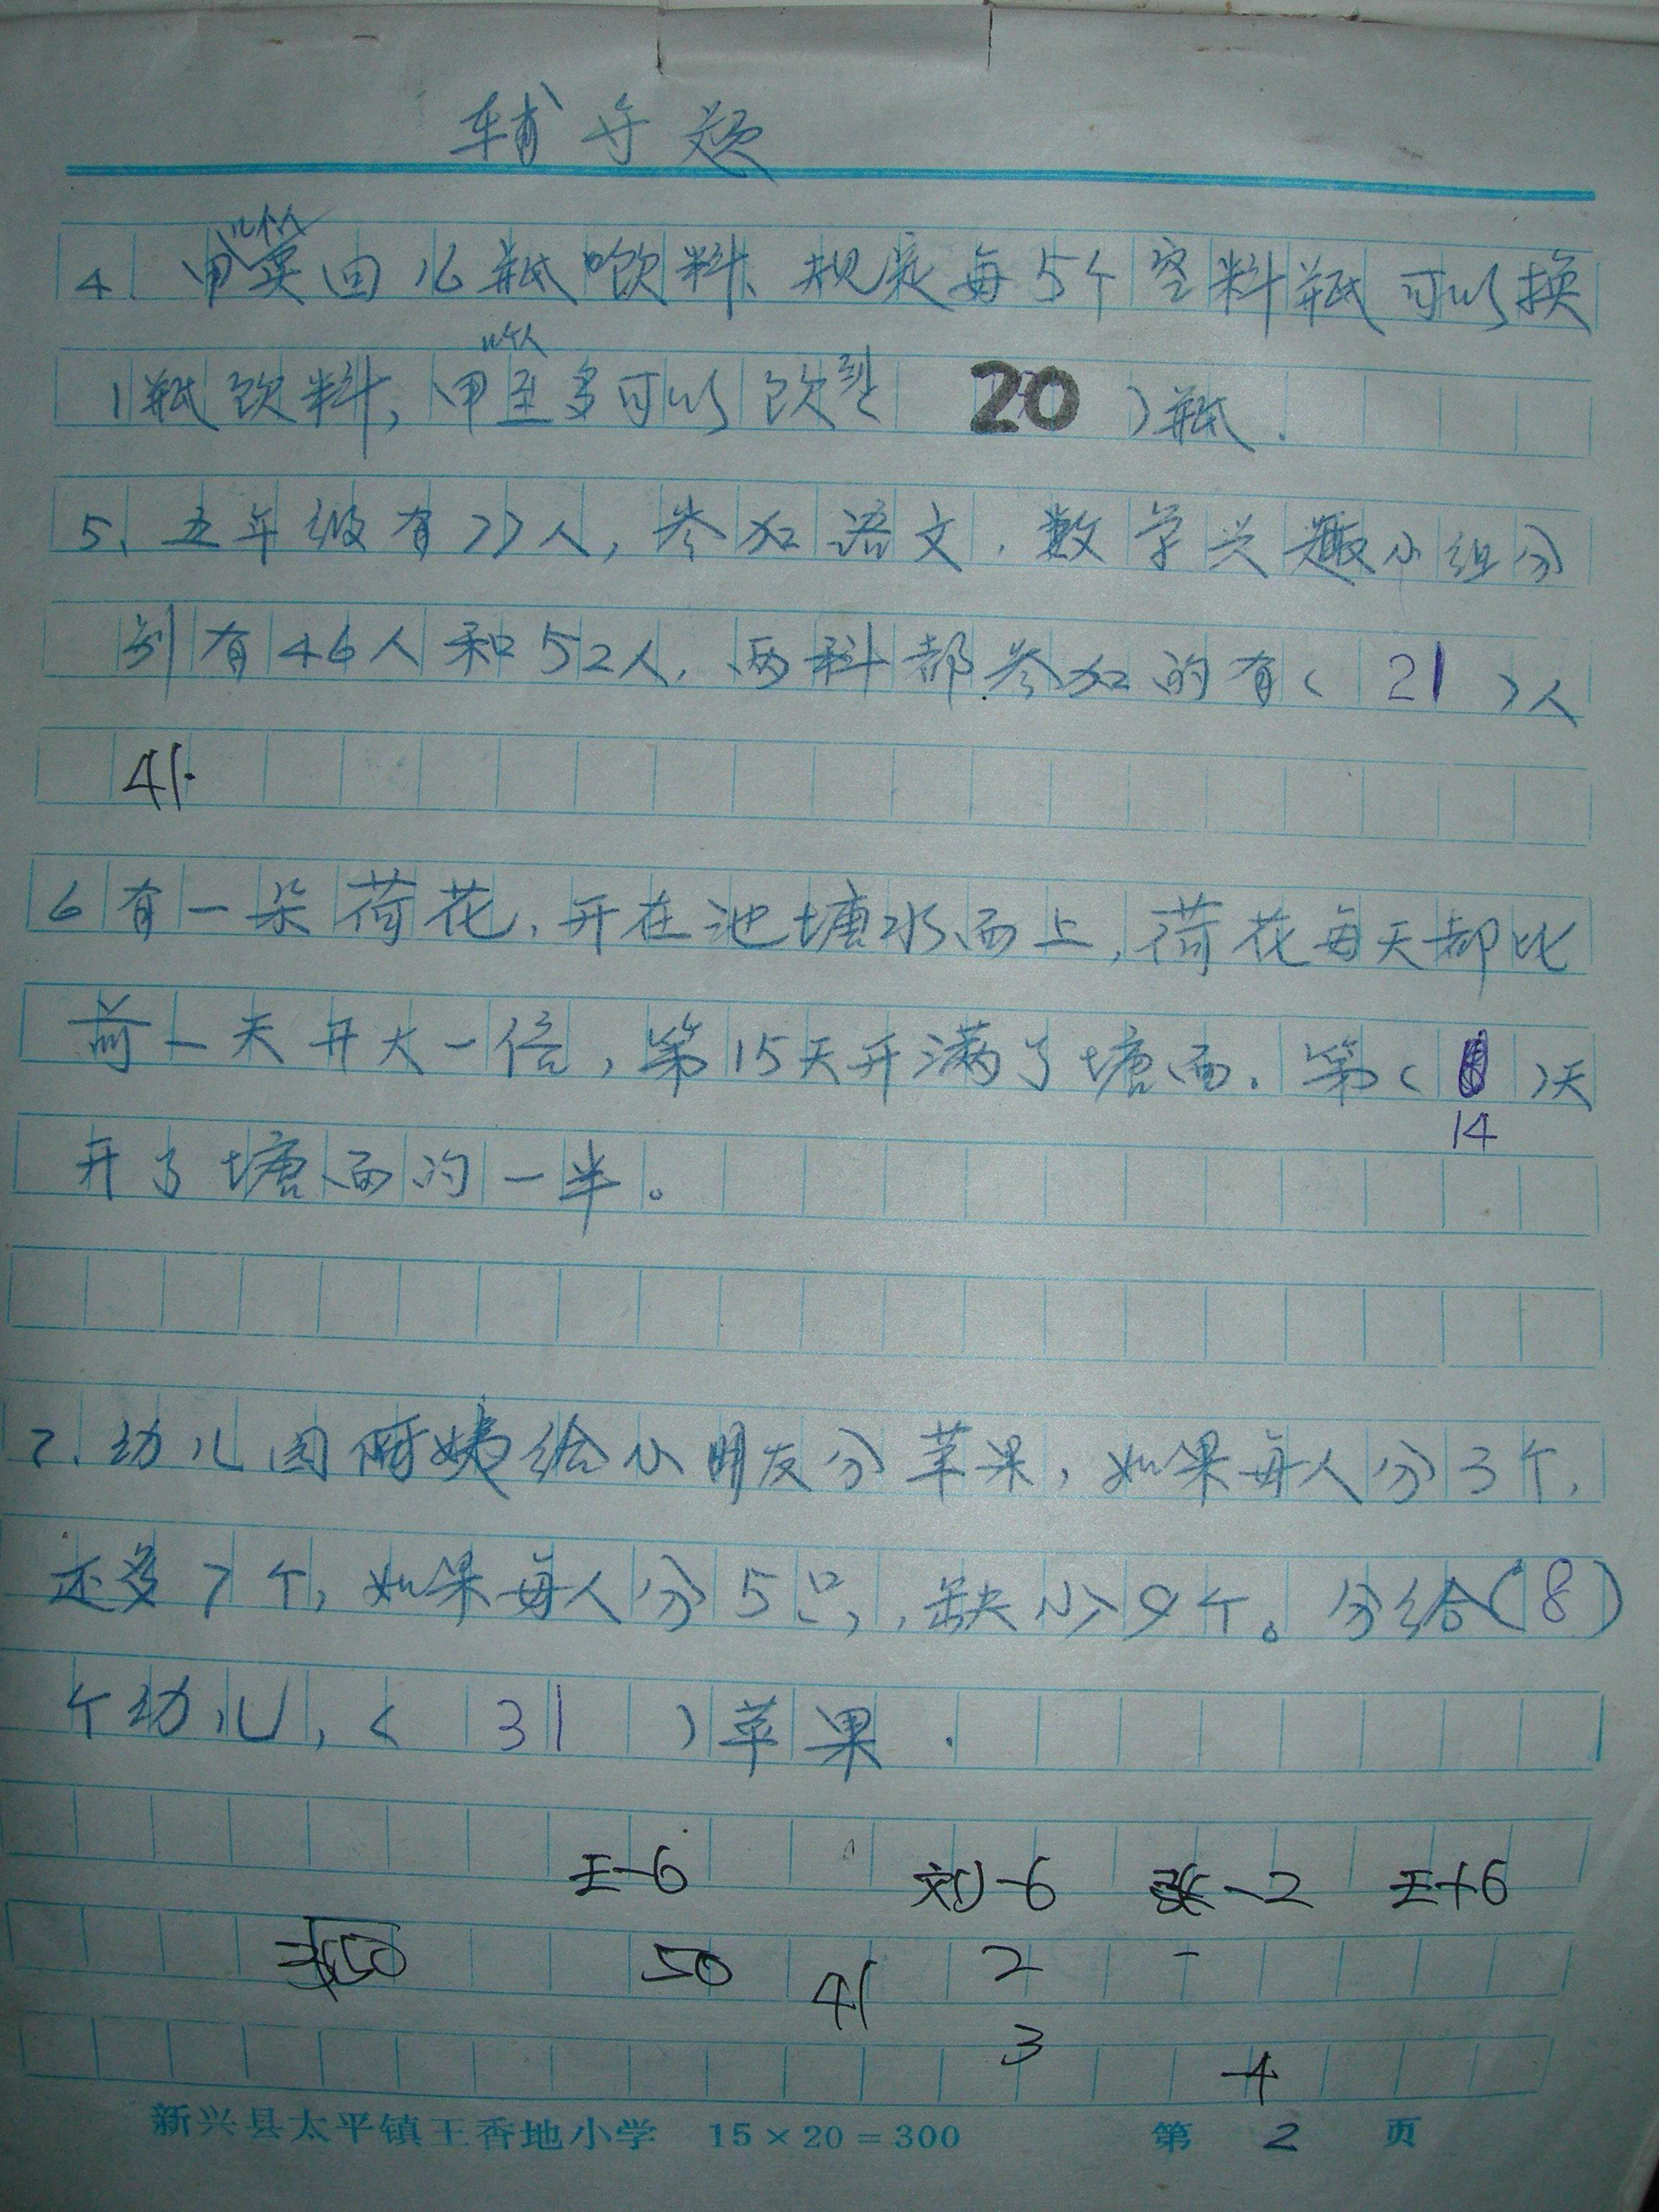 数学竞赛训练题目·回忆10.JPG